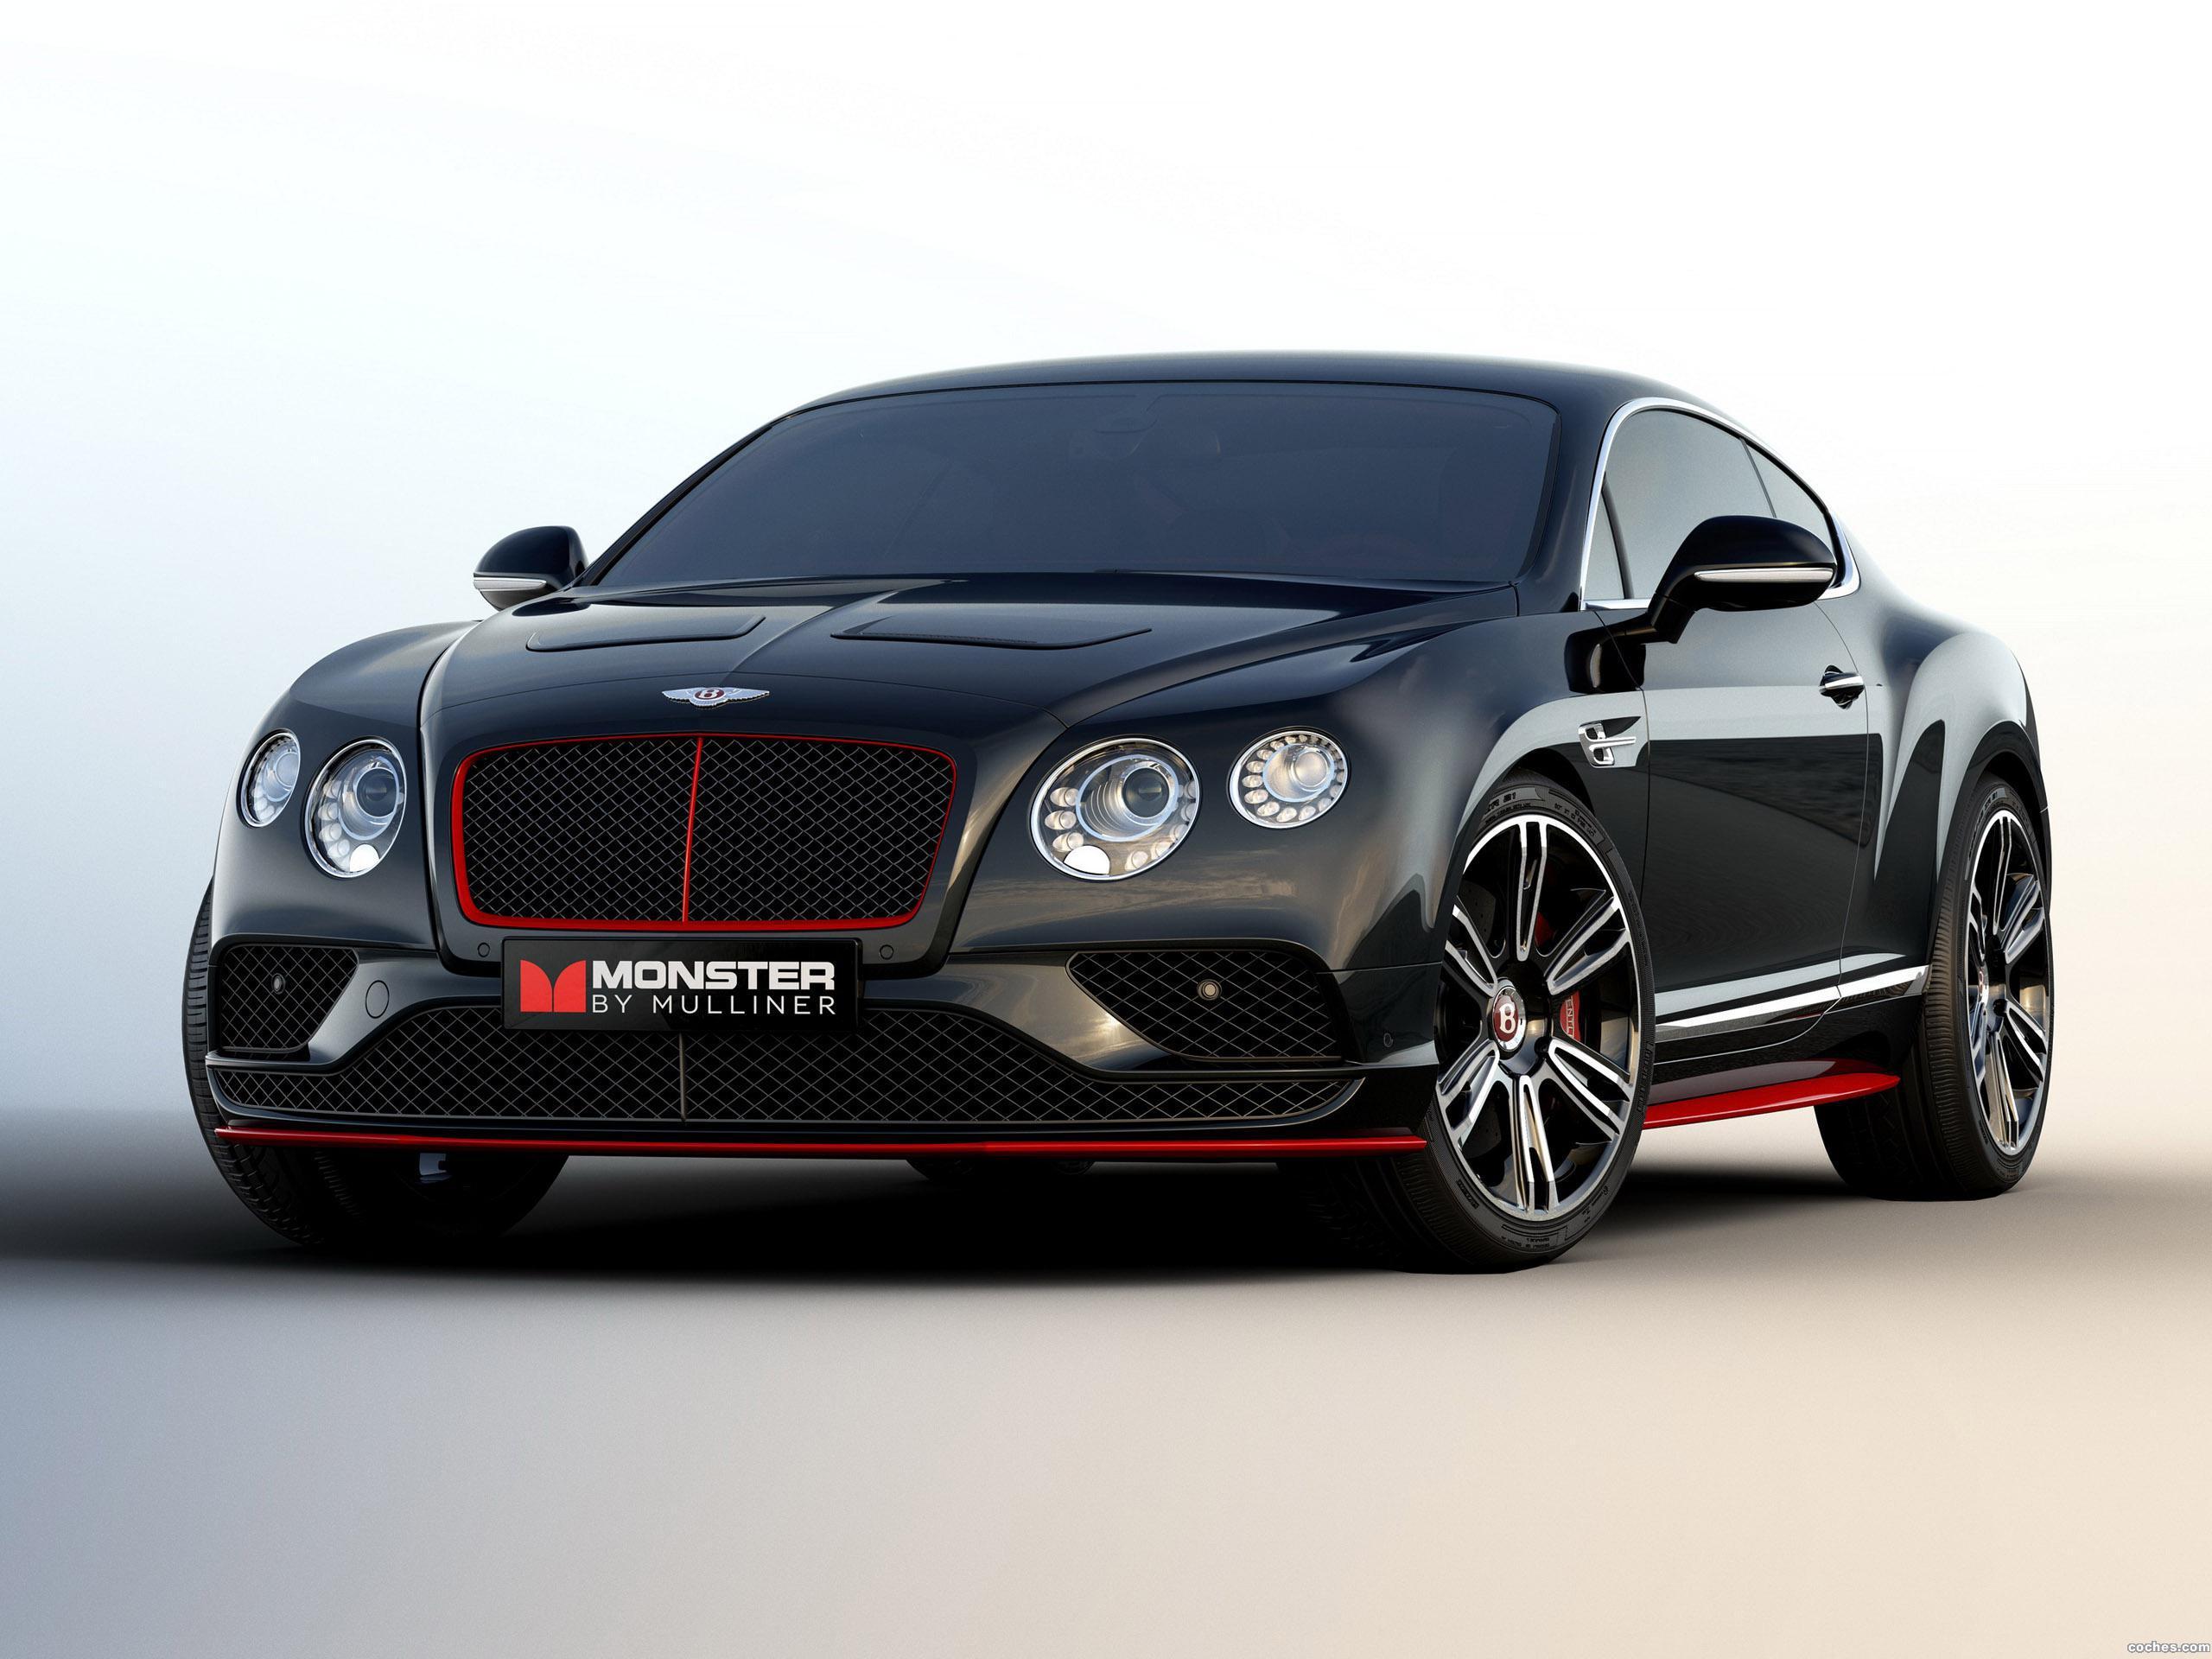 Foto 0 de Bentley Continental GT V8 S Monster by Mulliner 2015